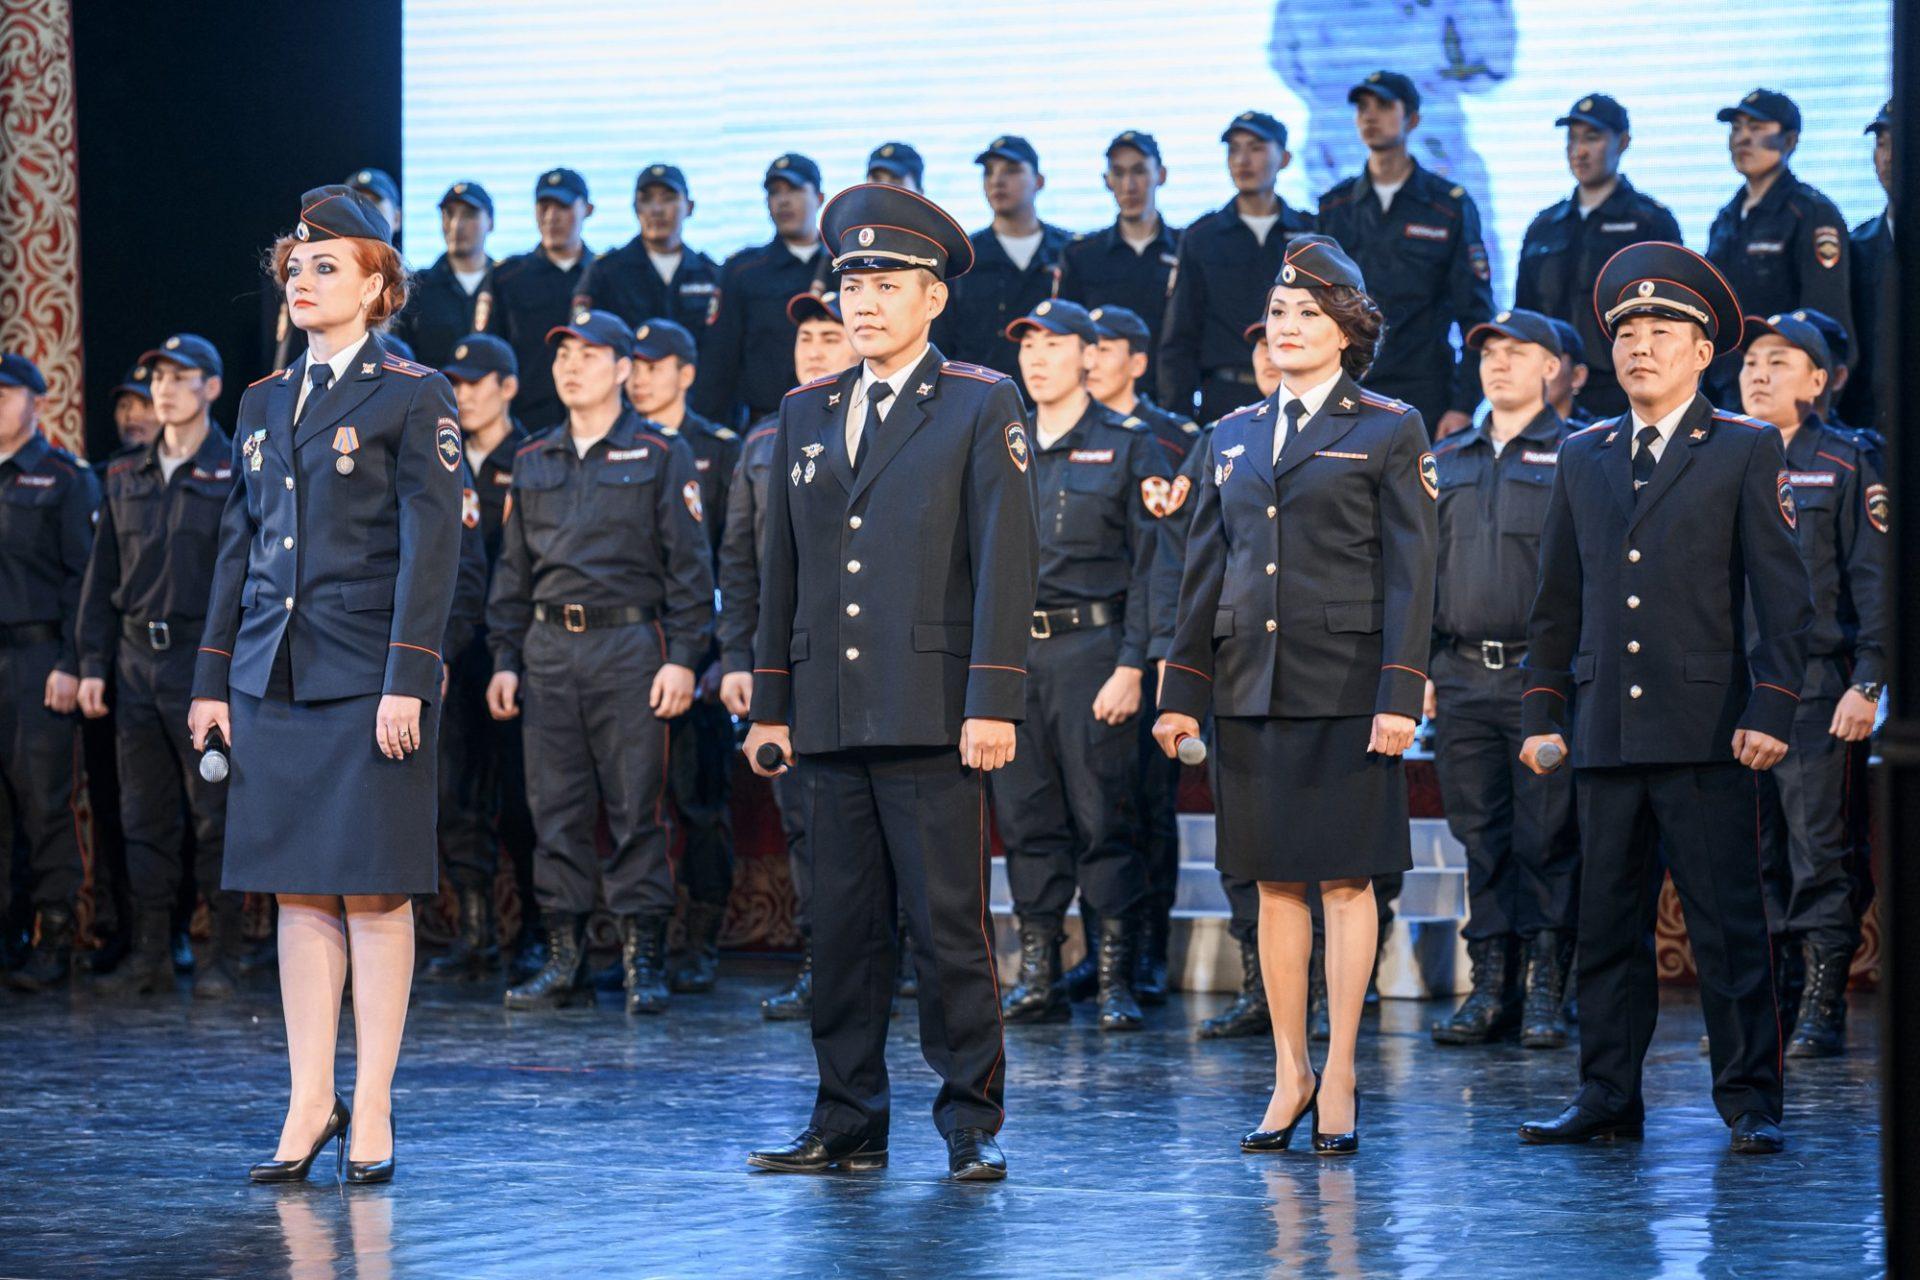 Глава Якутии поздравил работников органов внутренних дел с профессиональным праздником